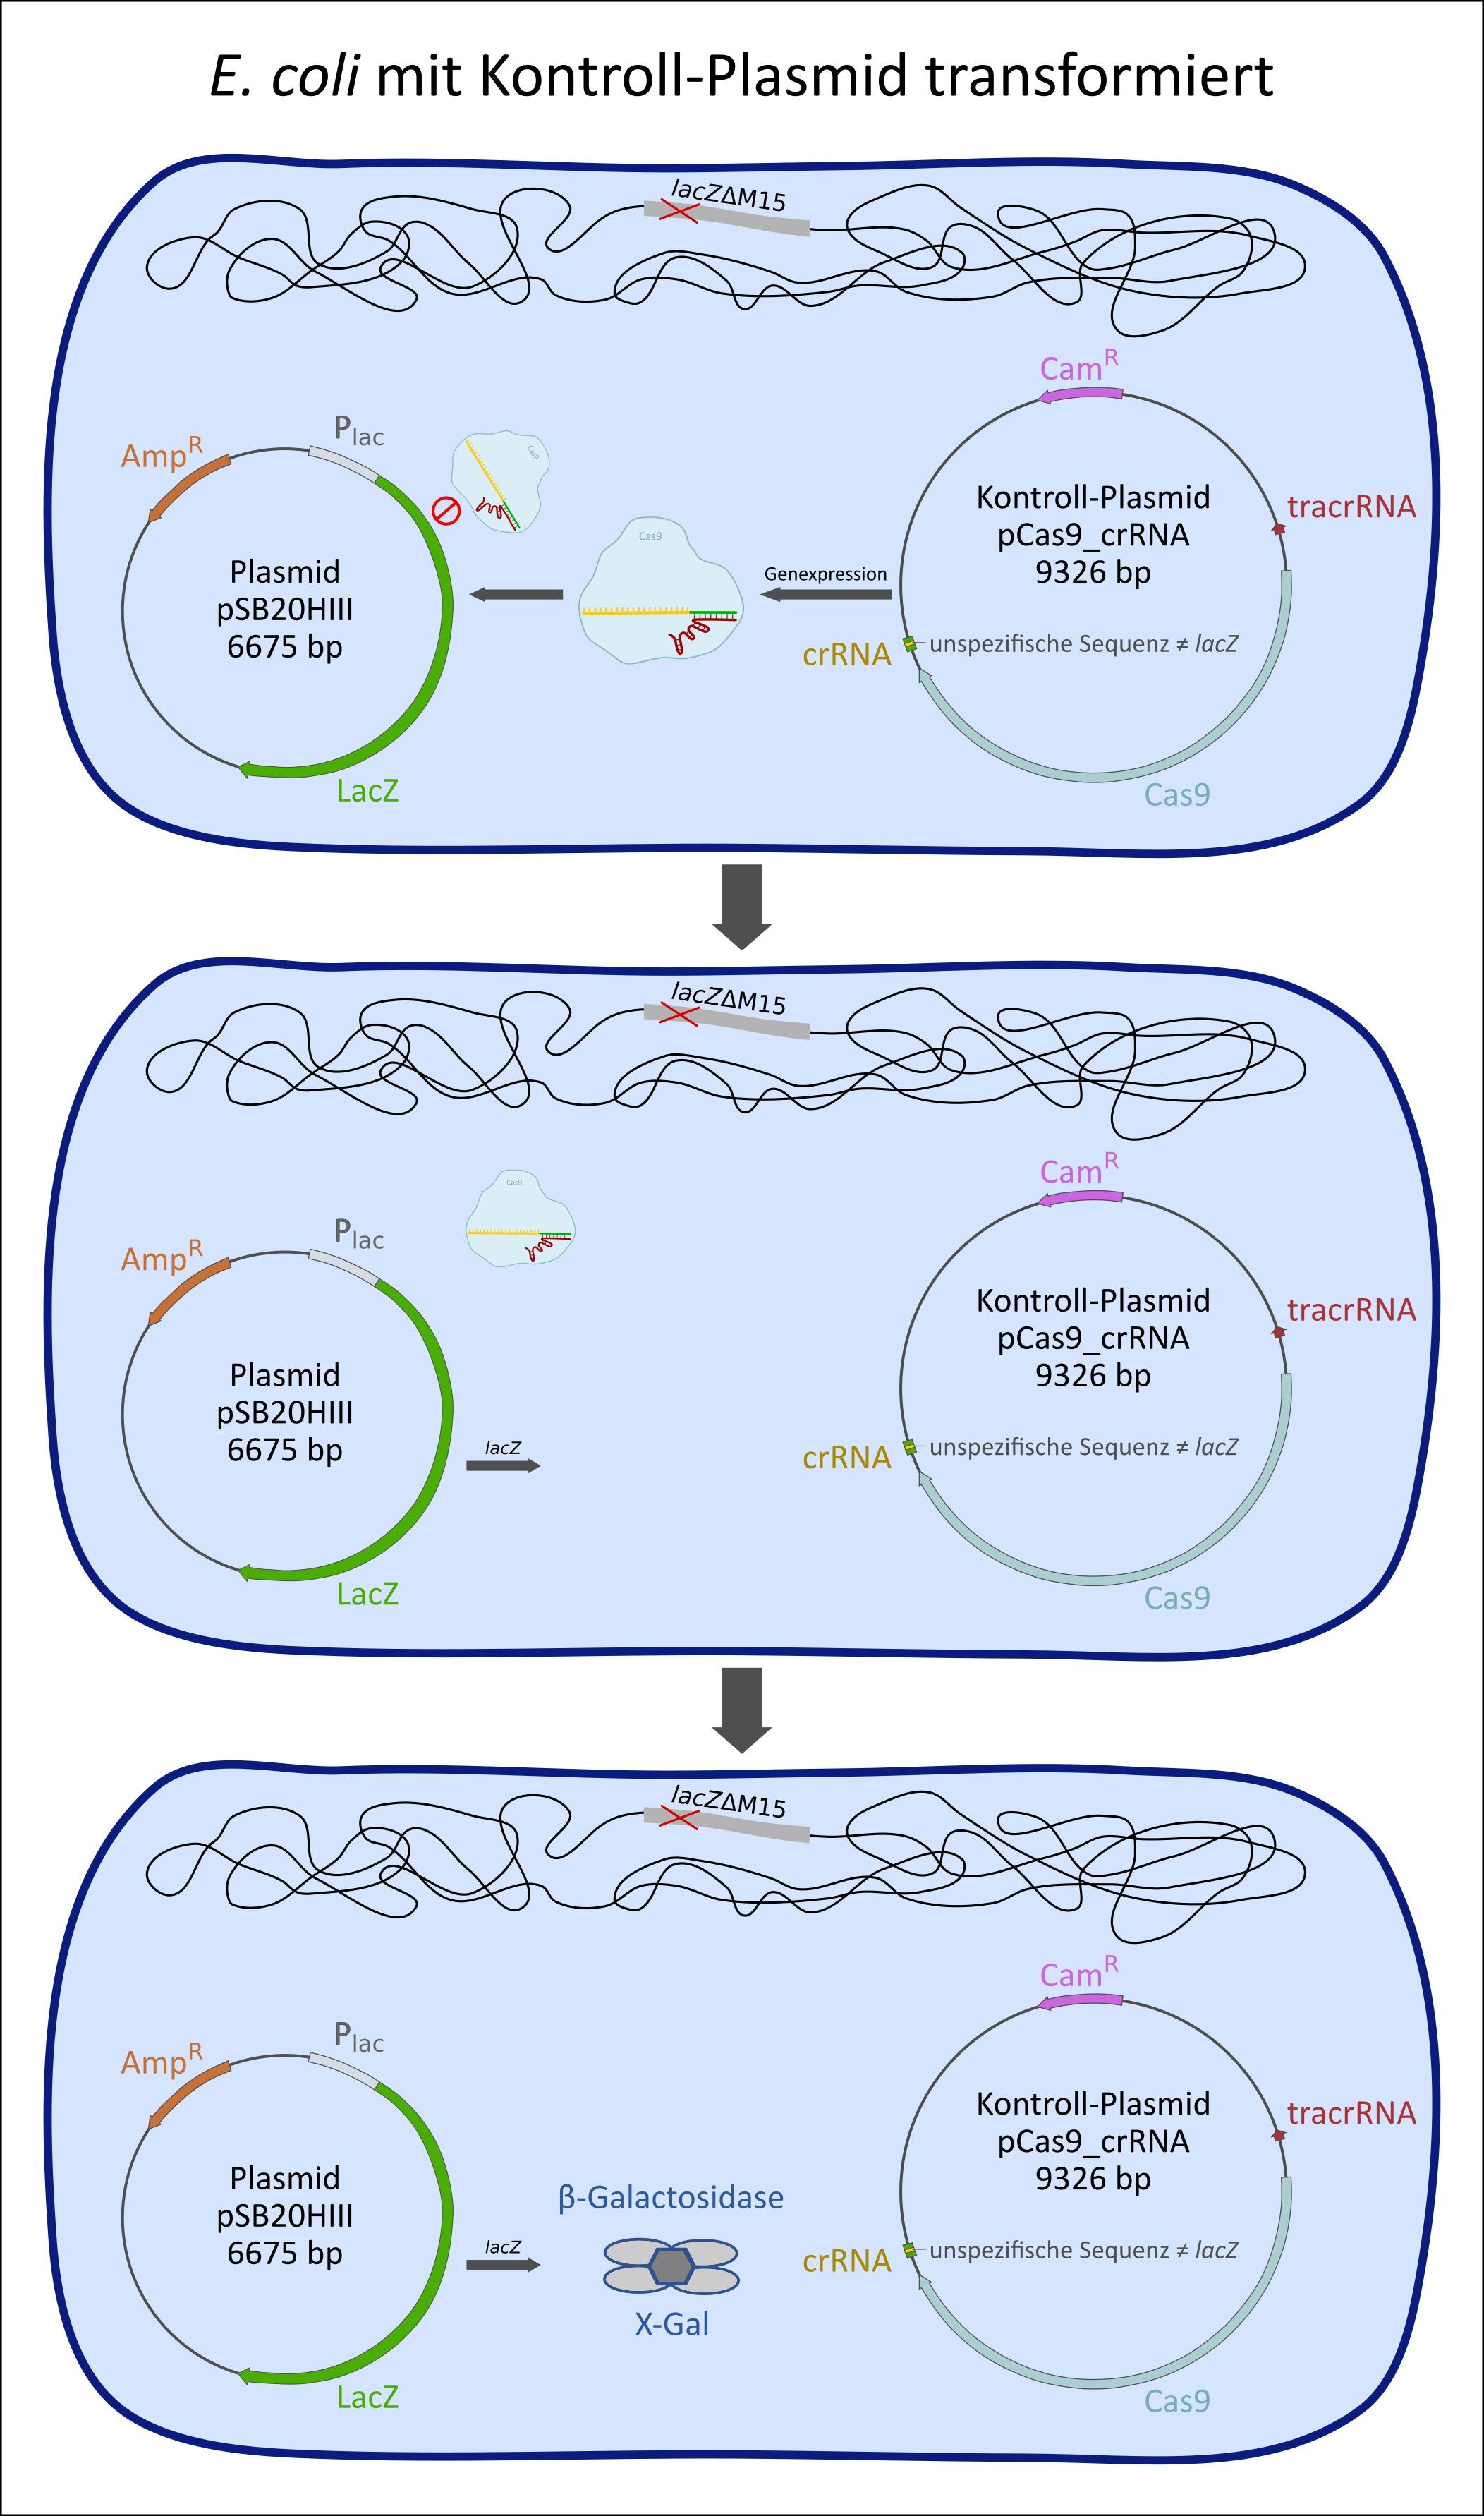 Bakterienzelle mit Kontroll-Plasmid